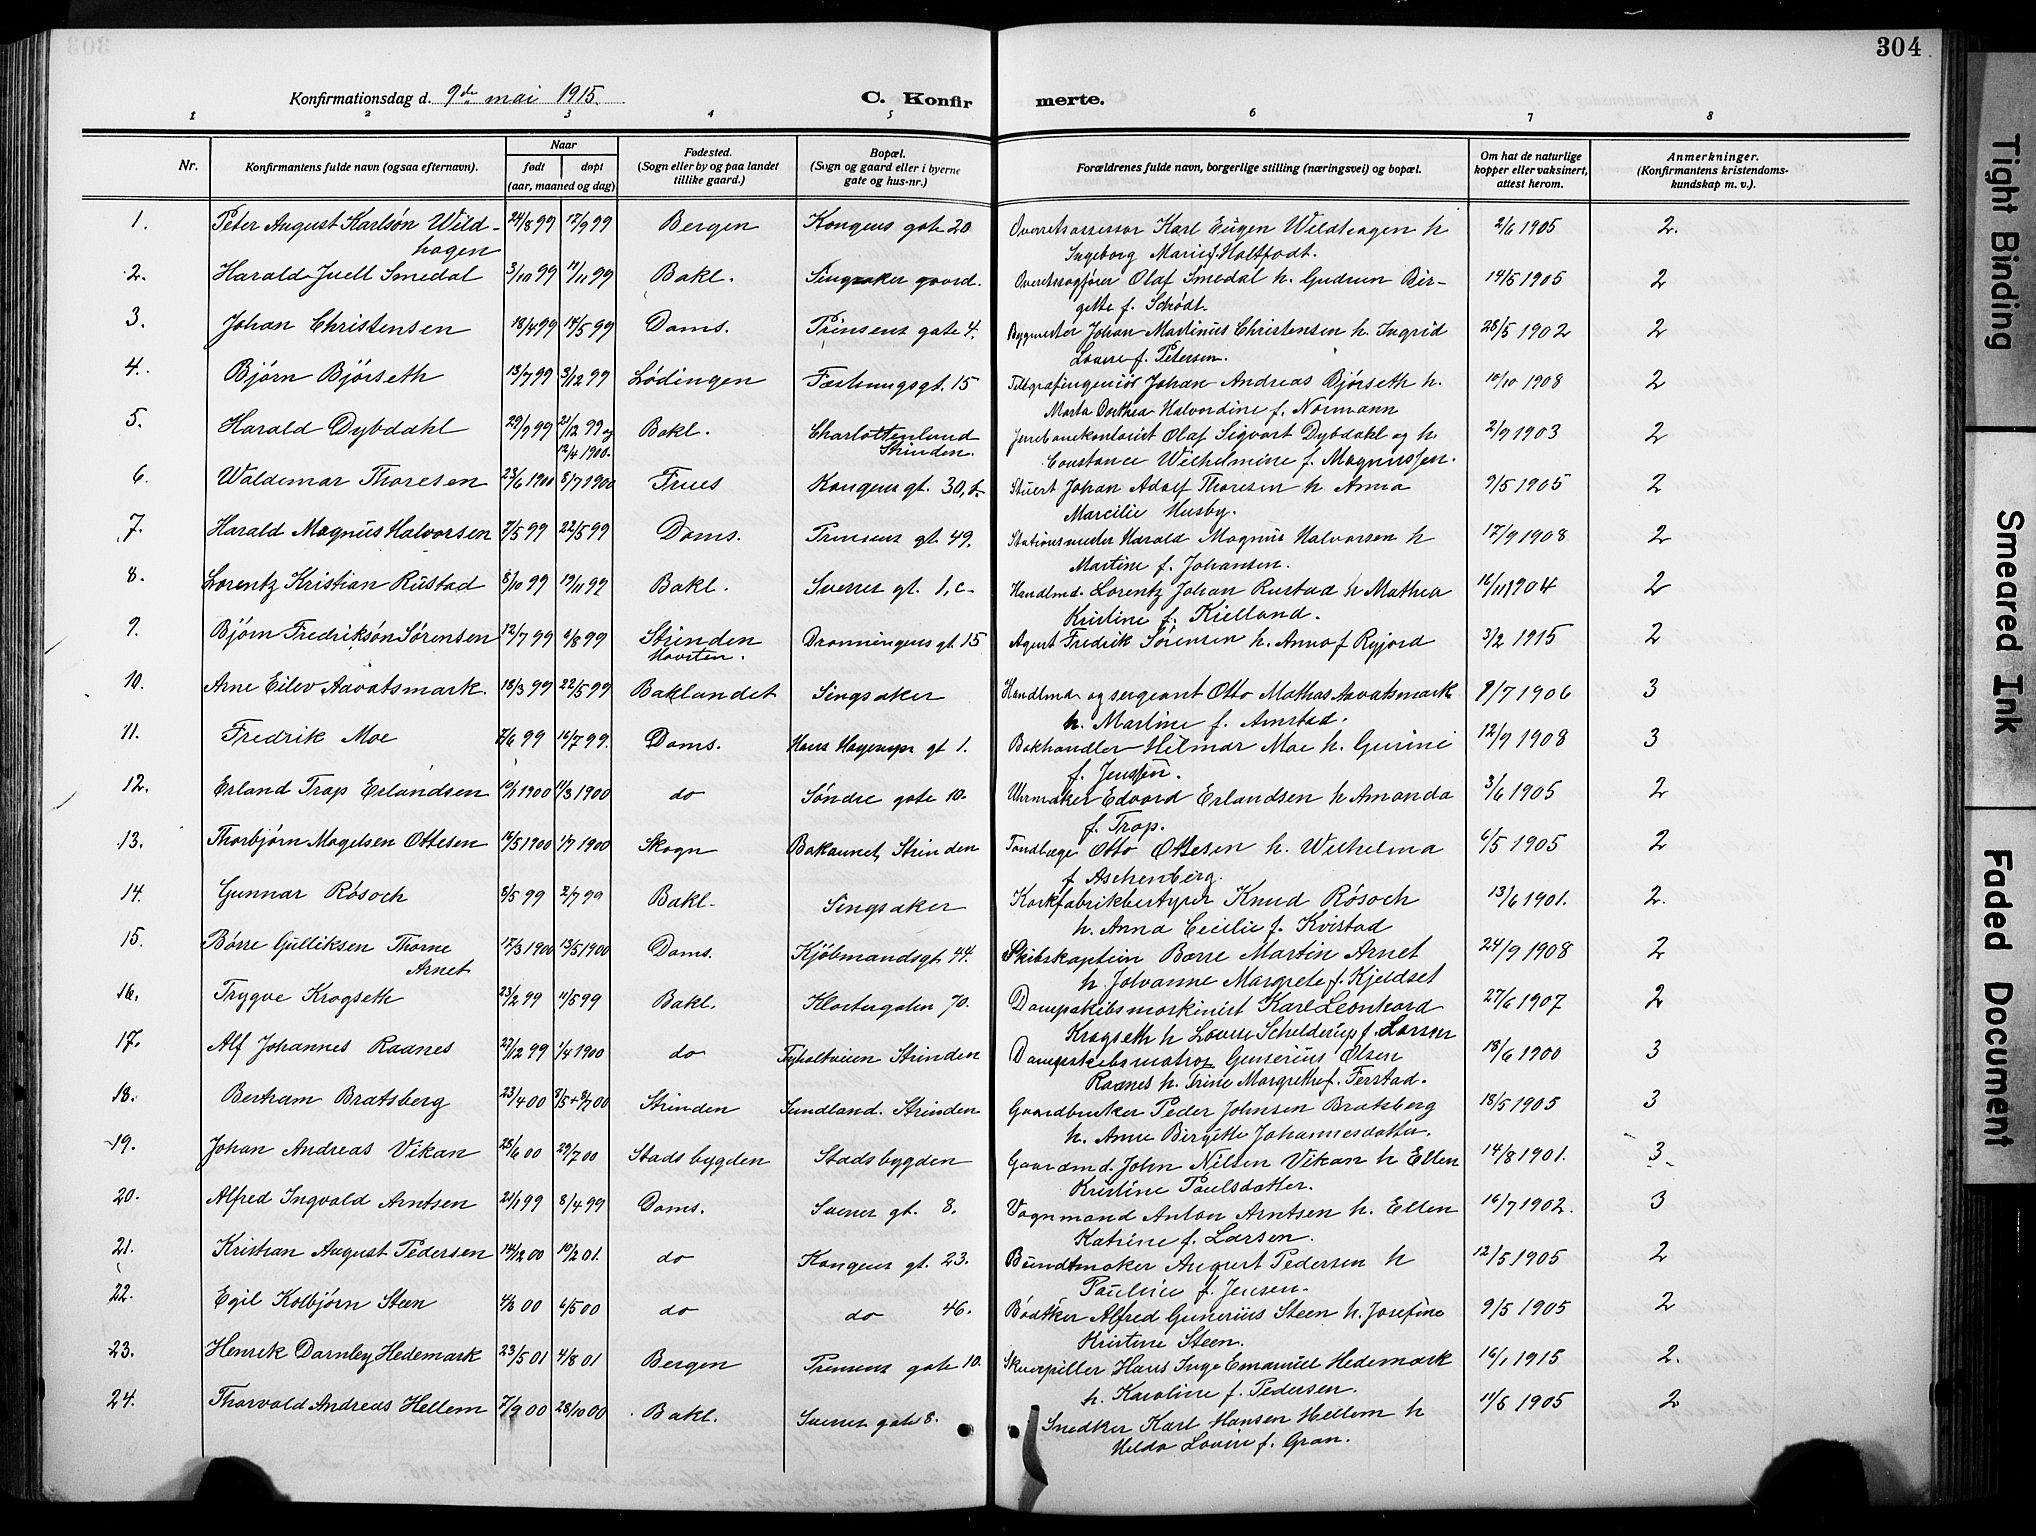 SAT, Ministerialprotokoller, klokkerbøker og fødselsregistre - Sør-Trøndelag, 601/L0096: Klokkerbok nr. 601C14, 1911-1931, s. 304